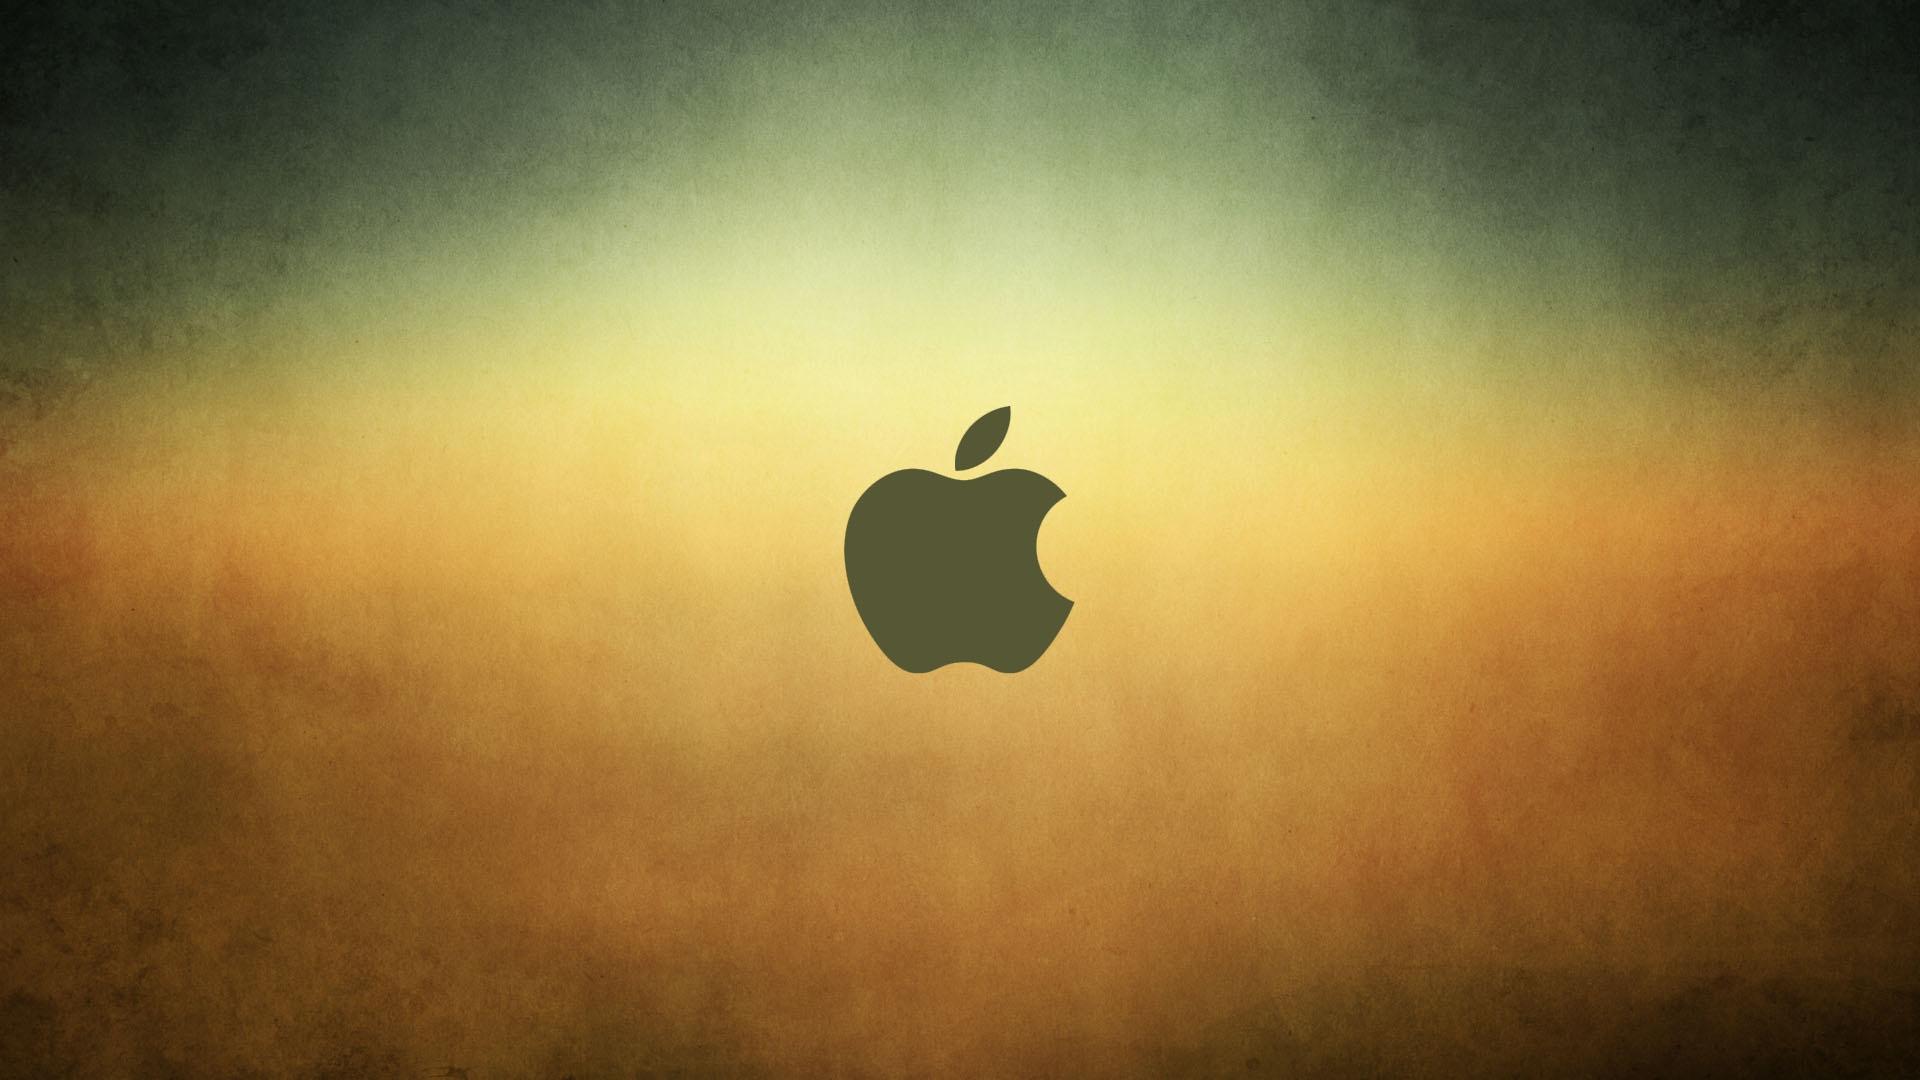 free mac wallpaper downloads hd - wallpapersafari